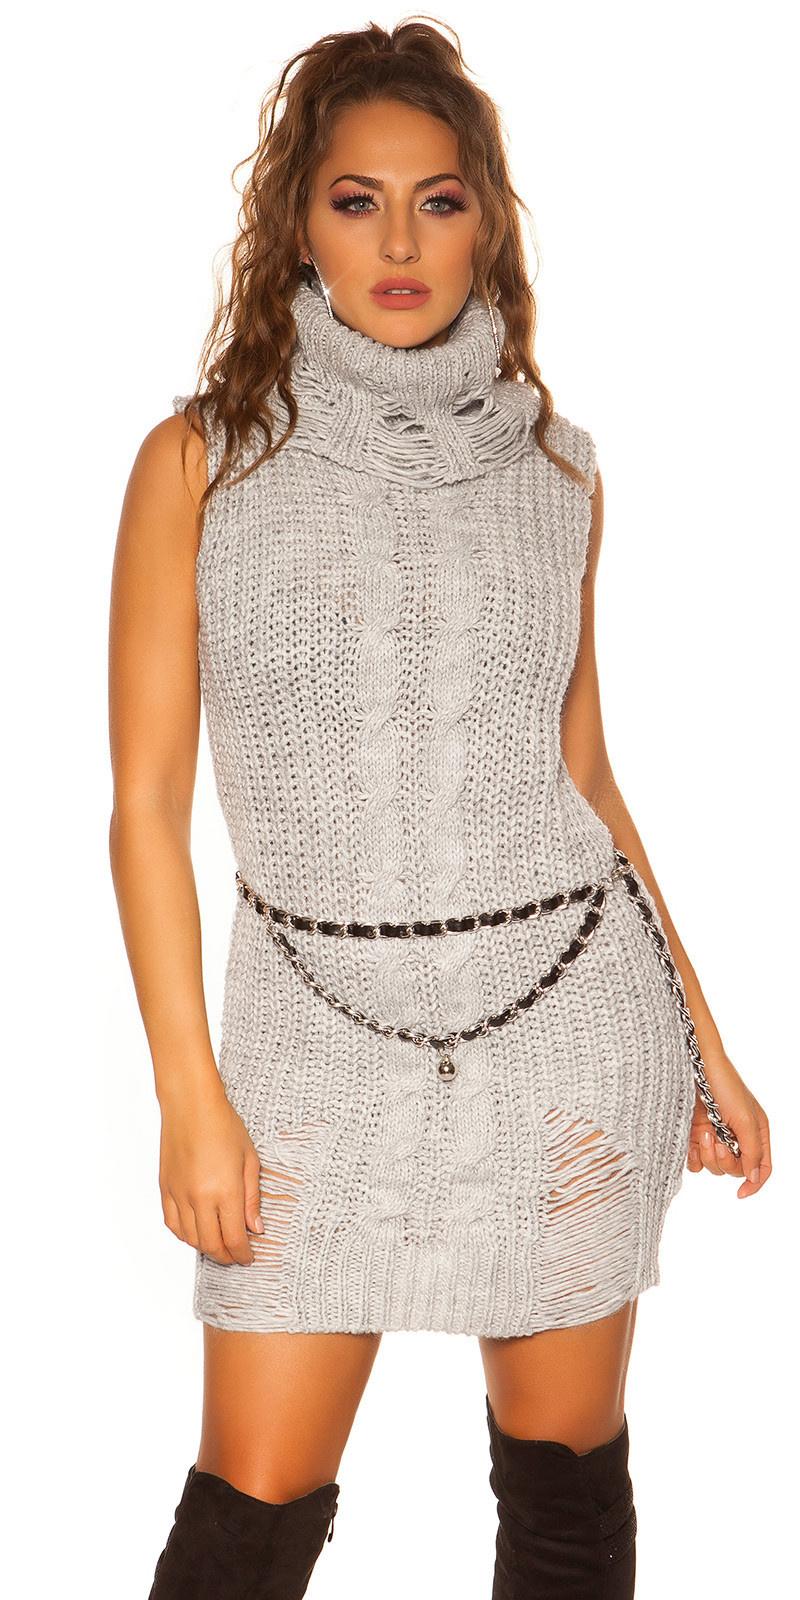 Trendy col gebreide mini jurkje - lange trui grijs